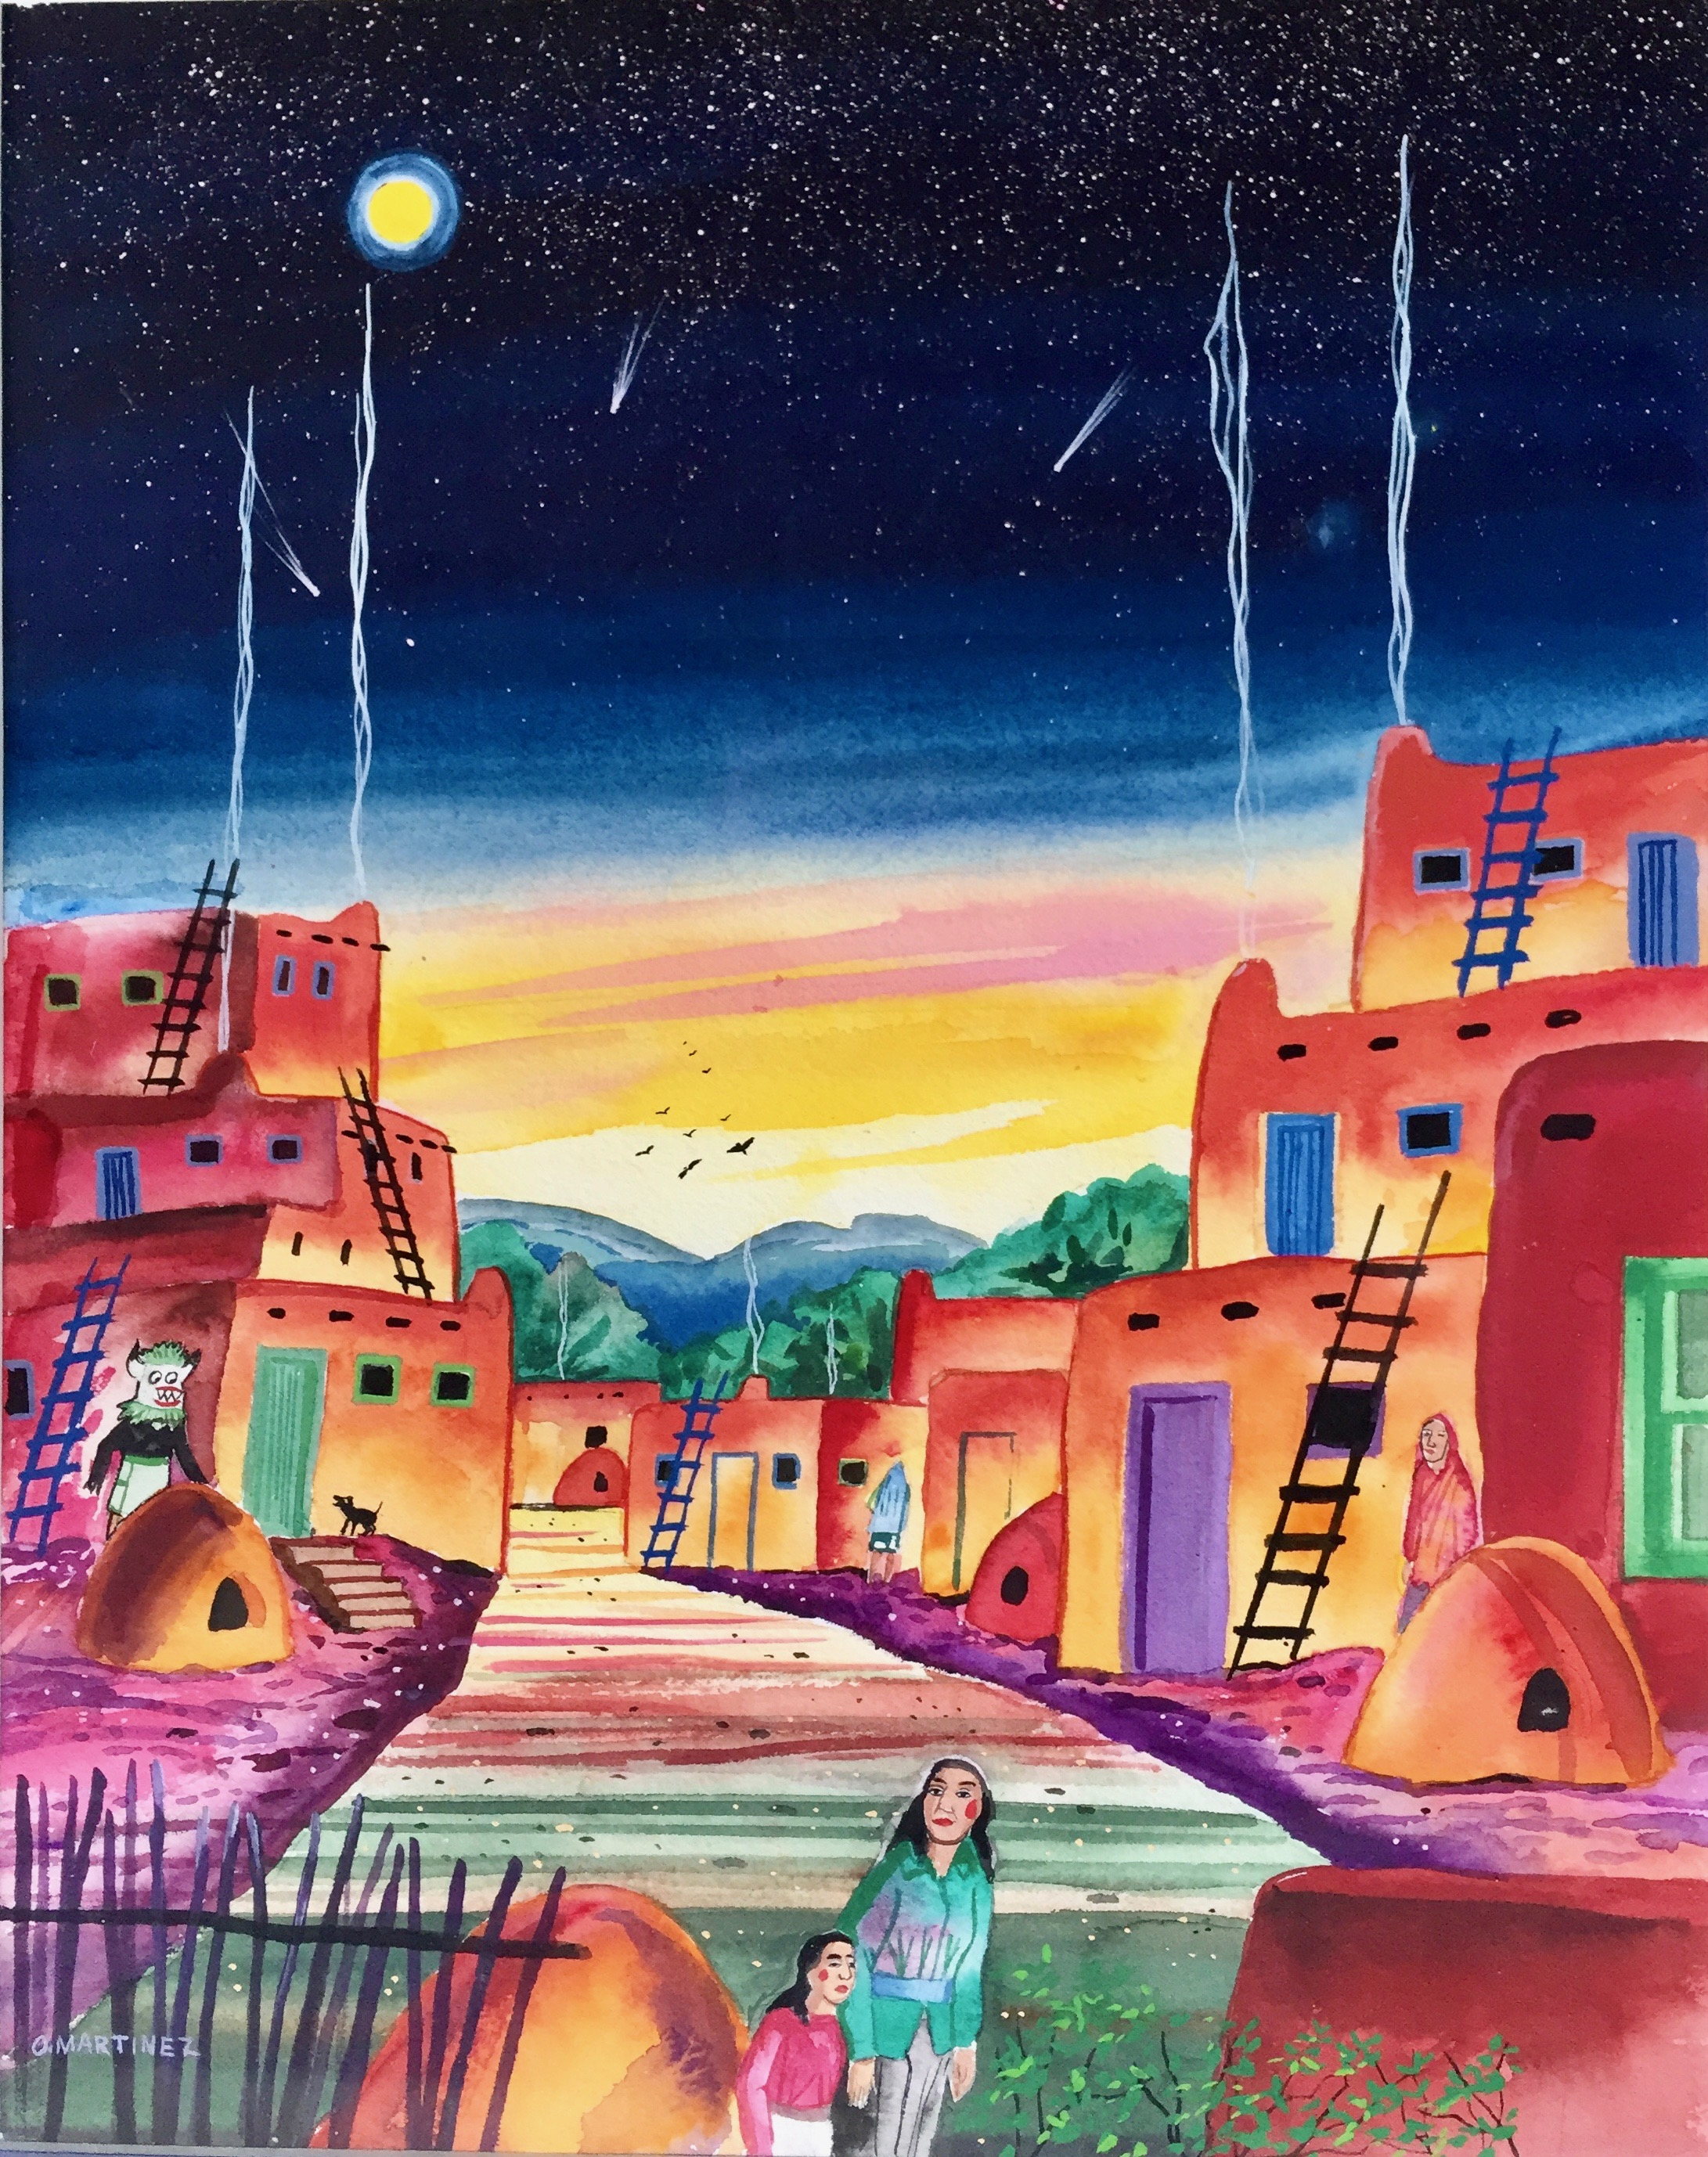 Watercolor of a New Mexico pueblo by O. Martinez